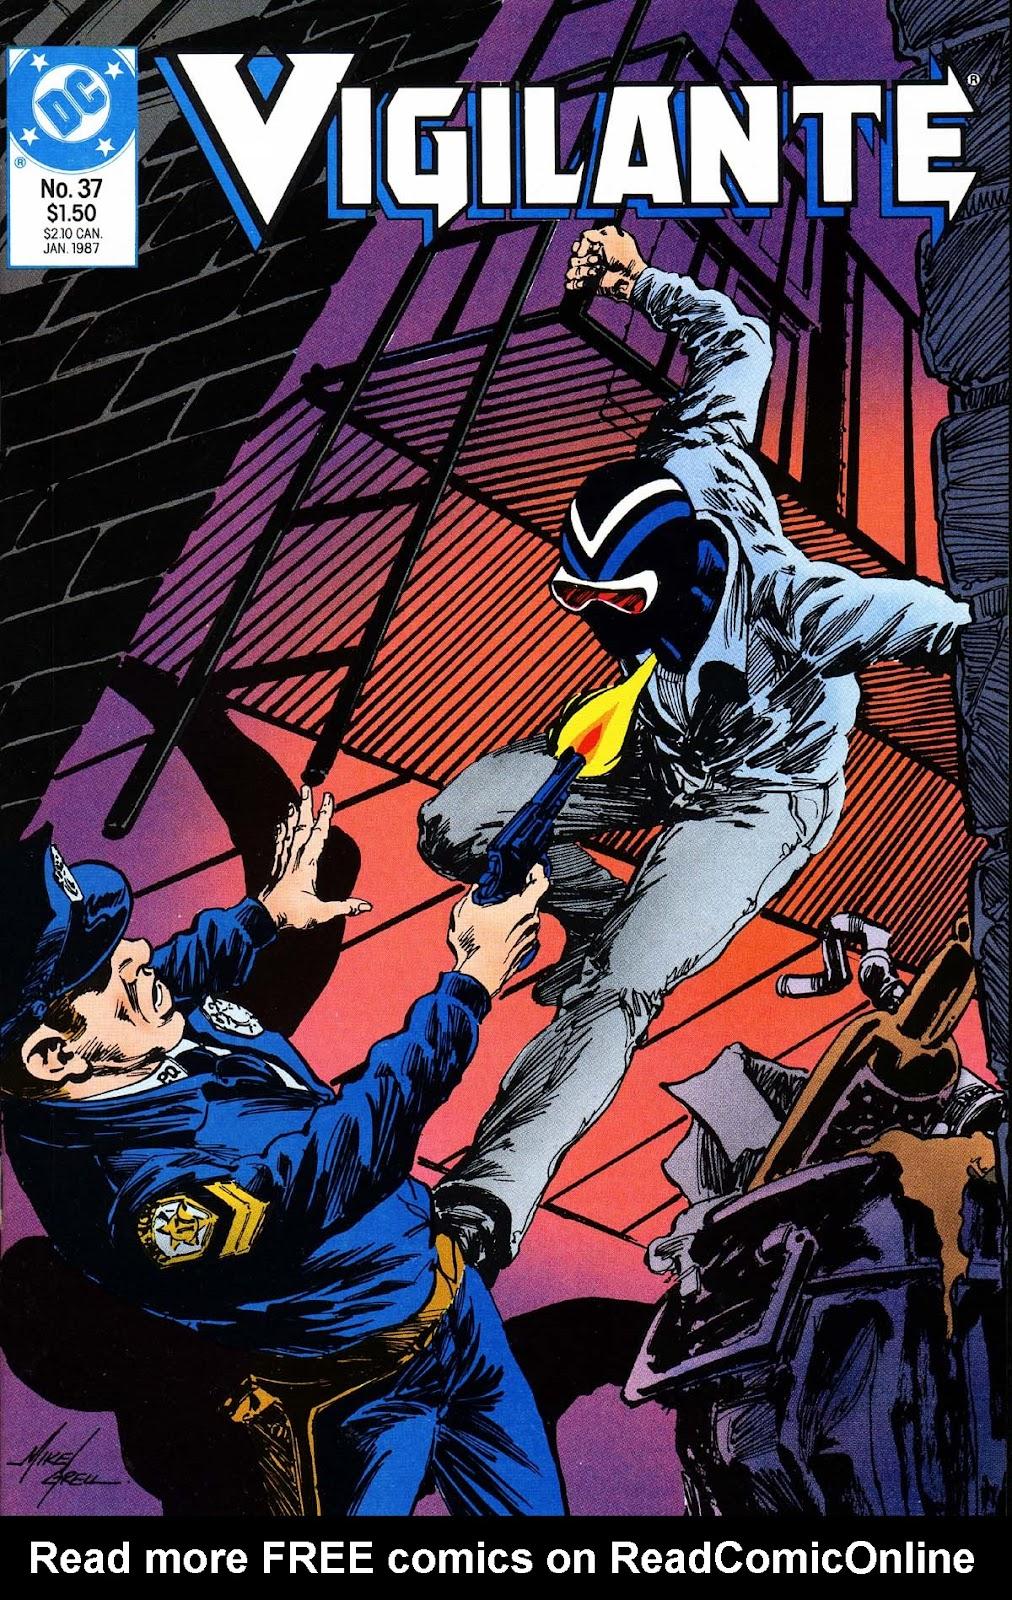 Vigilante (1983) issue 37 - Page 1